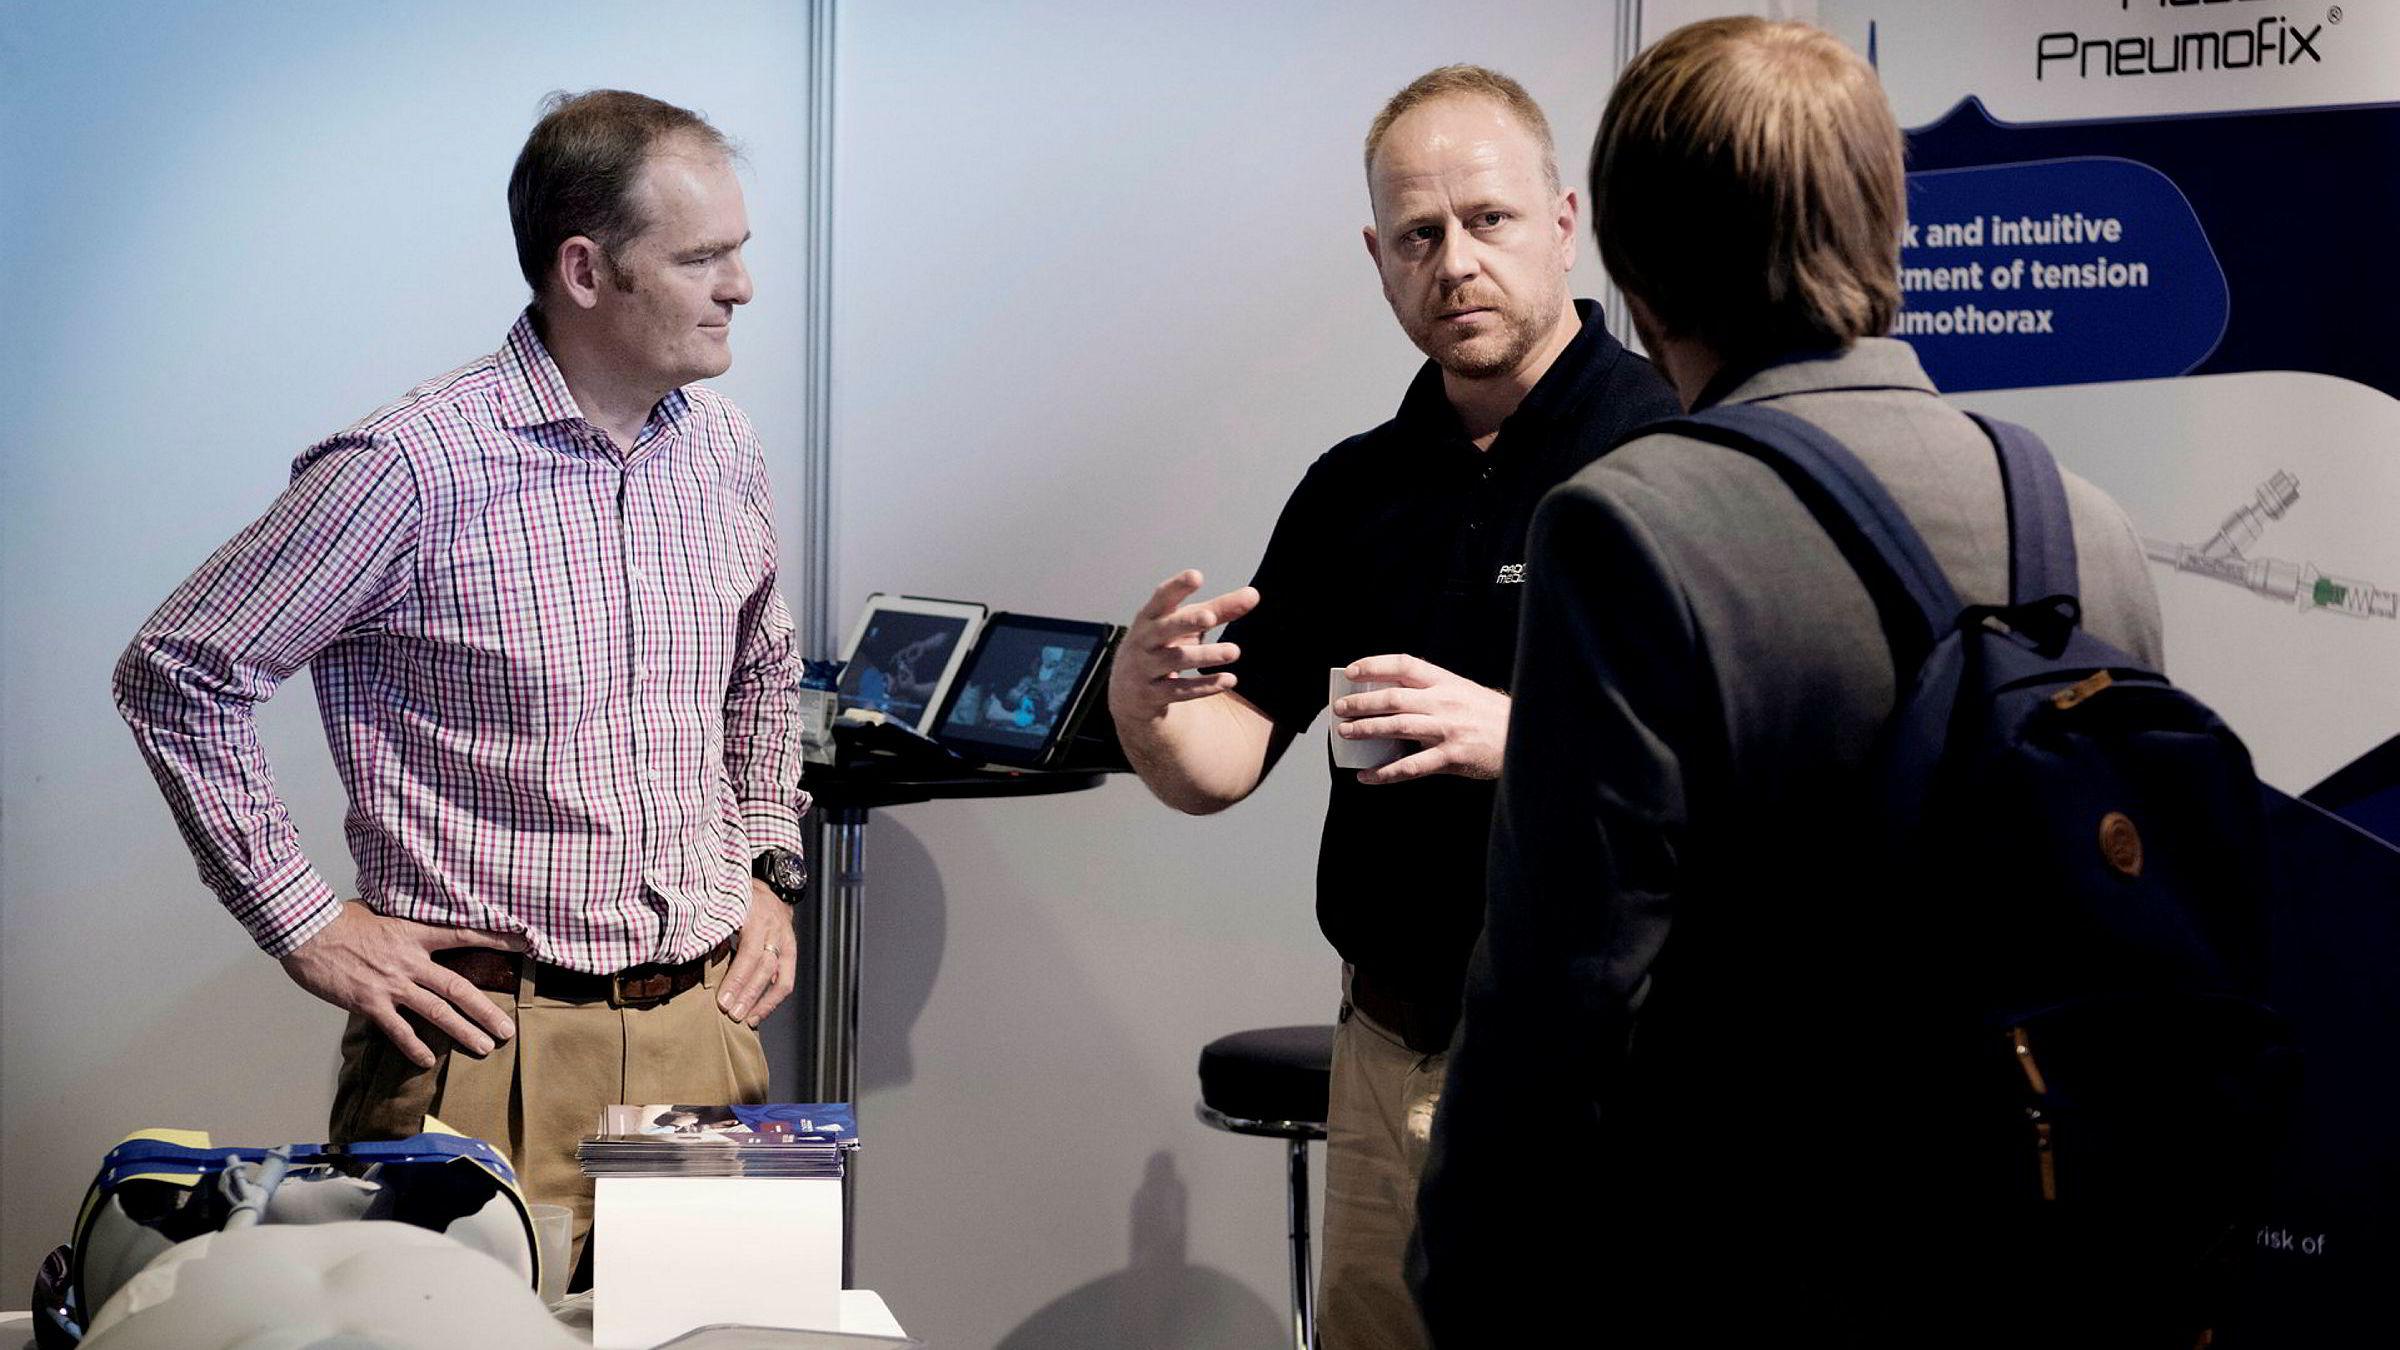 Luftambulanselege Nils Petter Oveland (til høyre) hadde mange ideer om hvordan førstehjelpsutstyret kunne forbedres. Løsningen ble at han koblet seg sammen med britiske Prometheus Medical Group og toppsjef Malcolm Russell (til venstre).